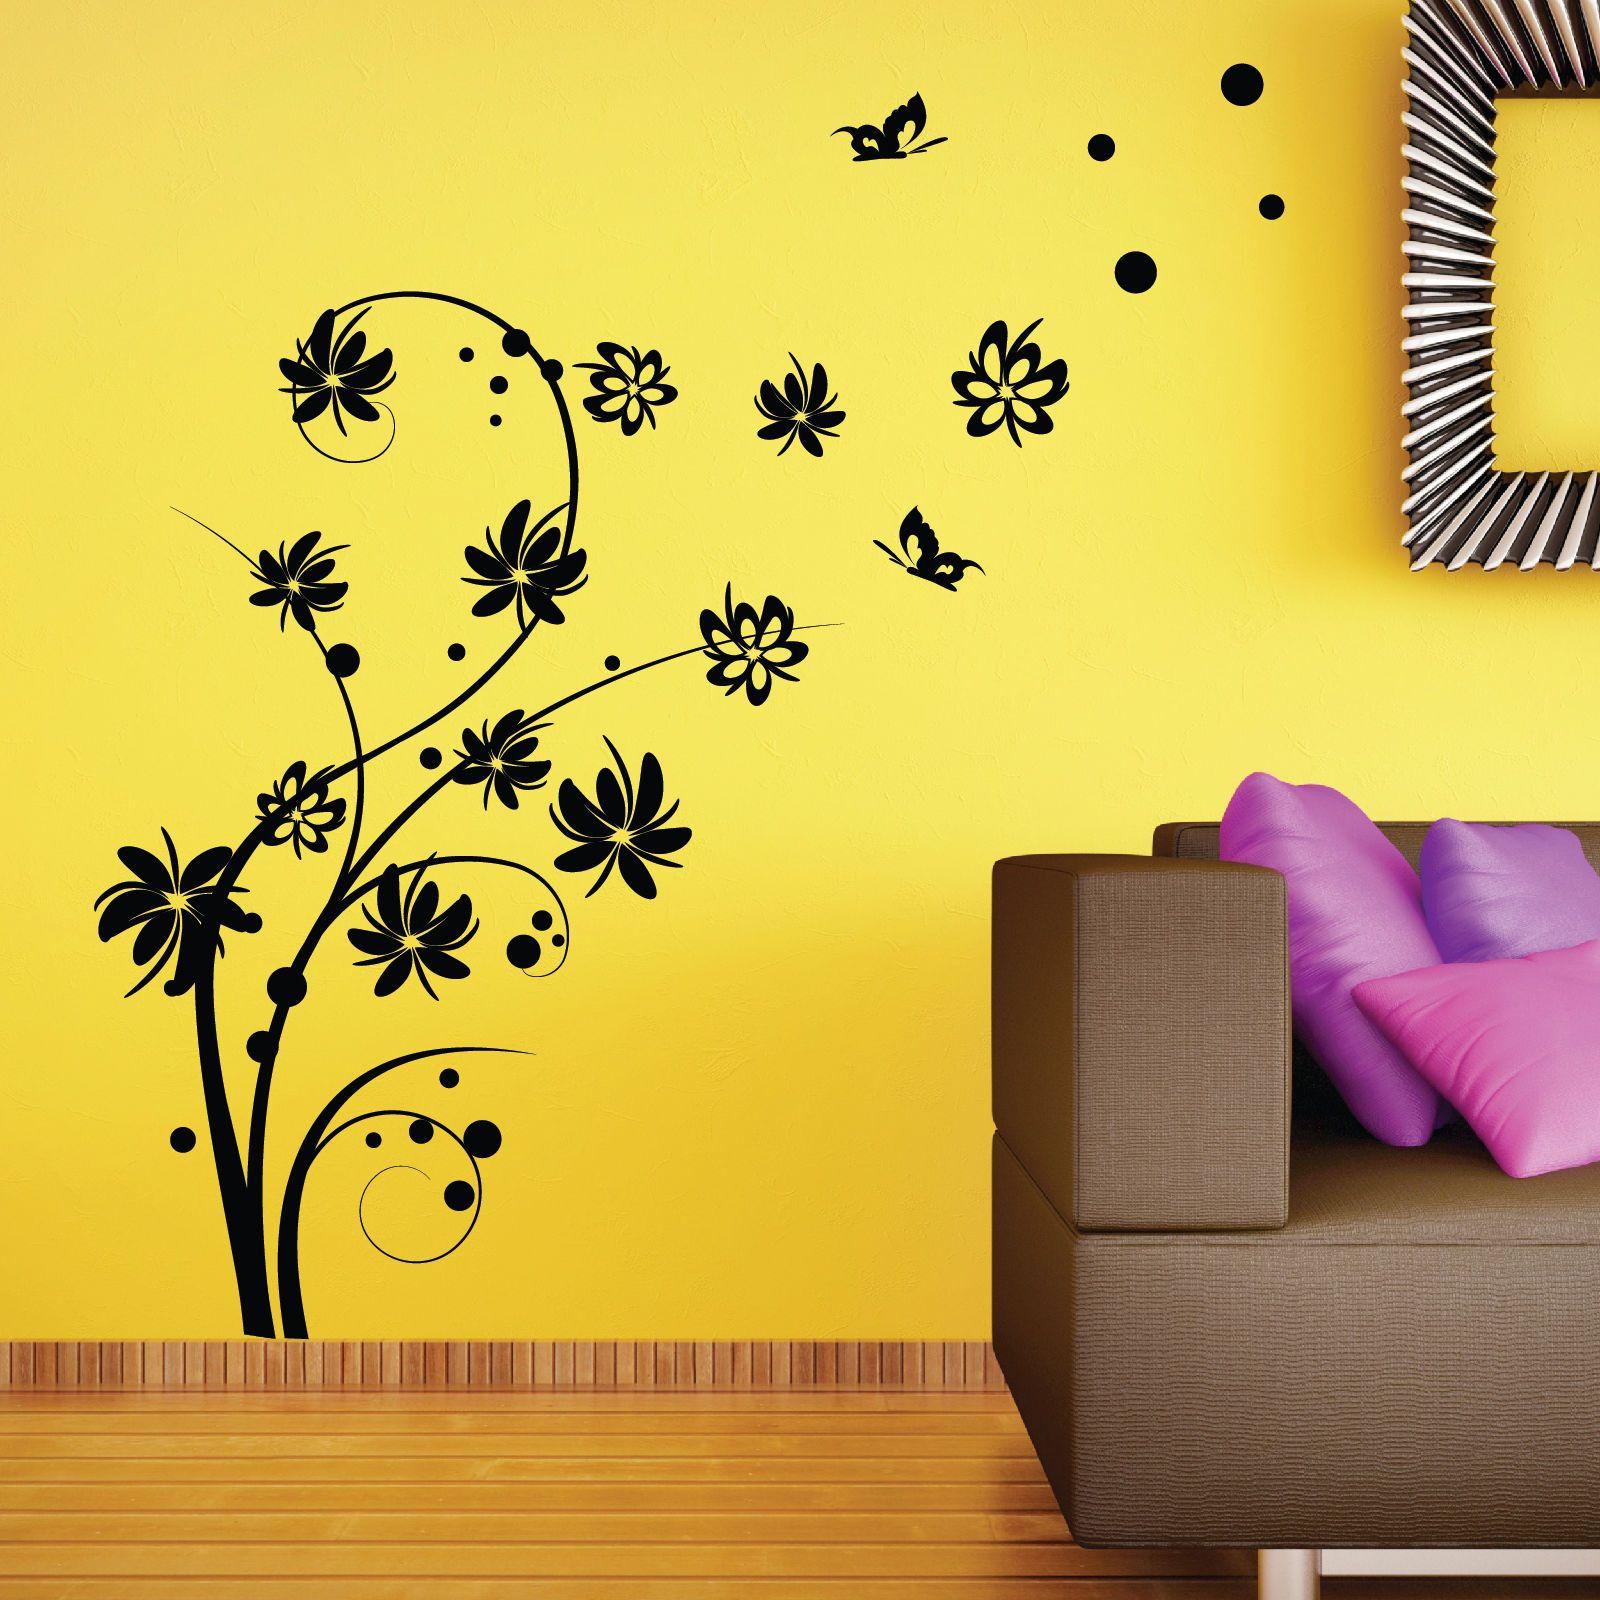 Adesivi Fiori Pareti.Grande Farfalla Vortice Fiore Adesivi Da Parete Da Parete